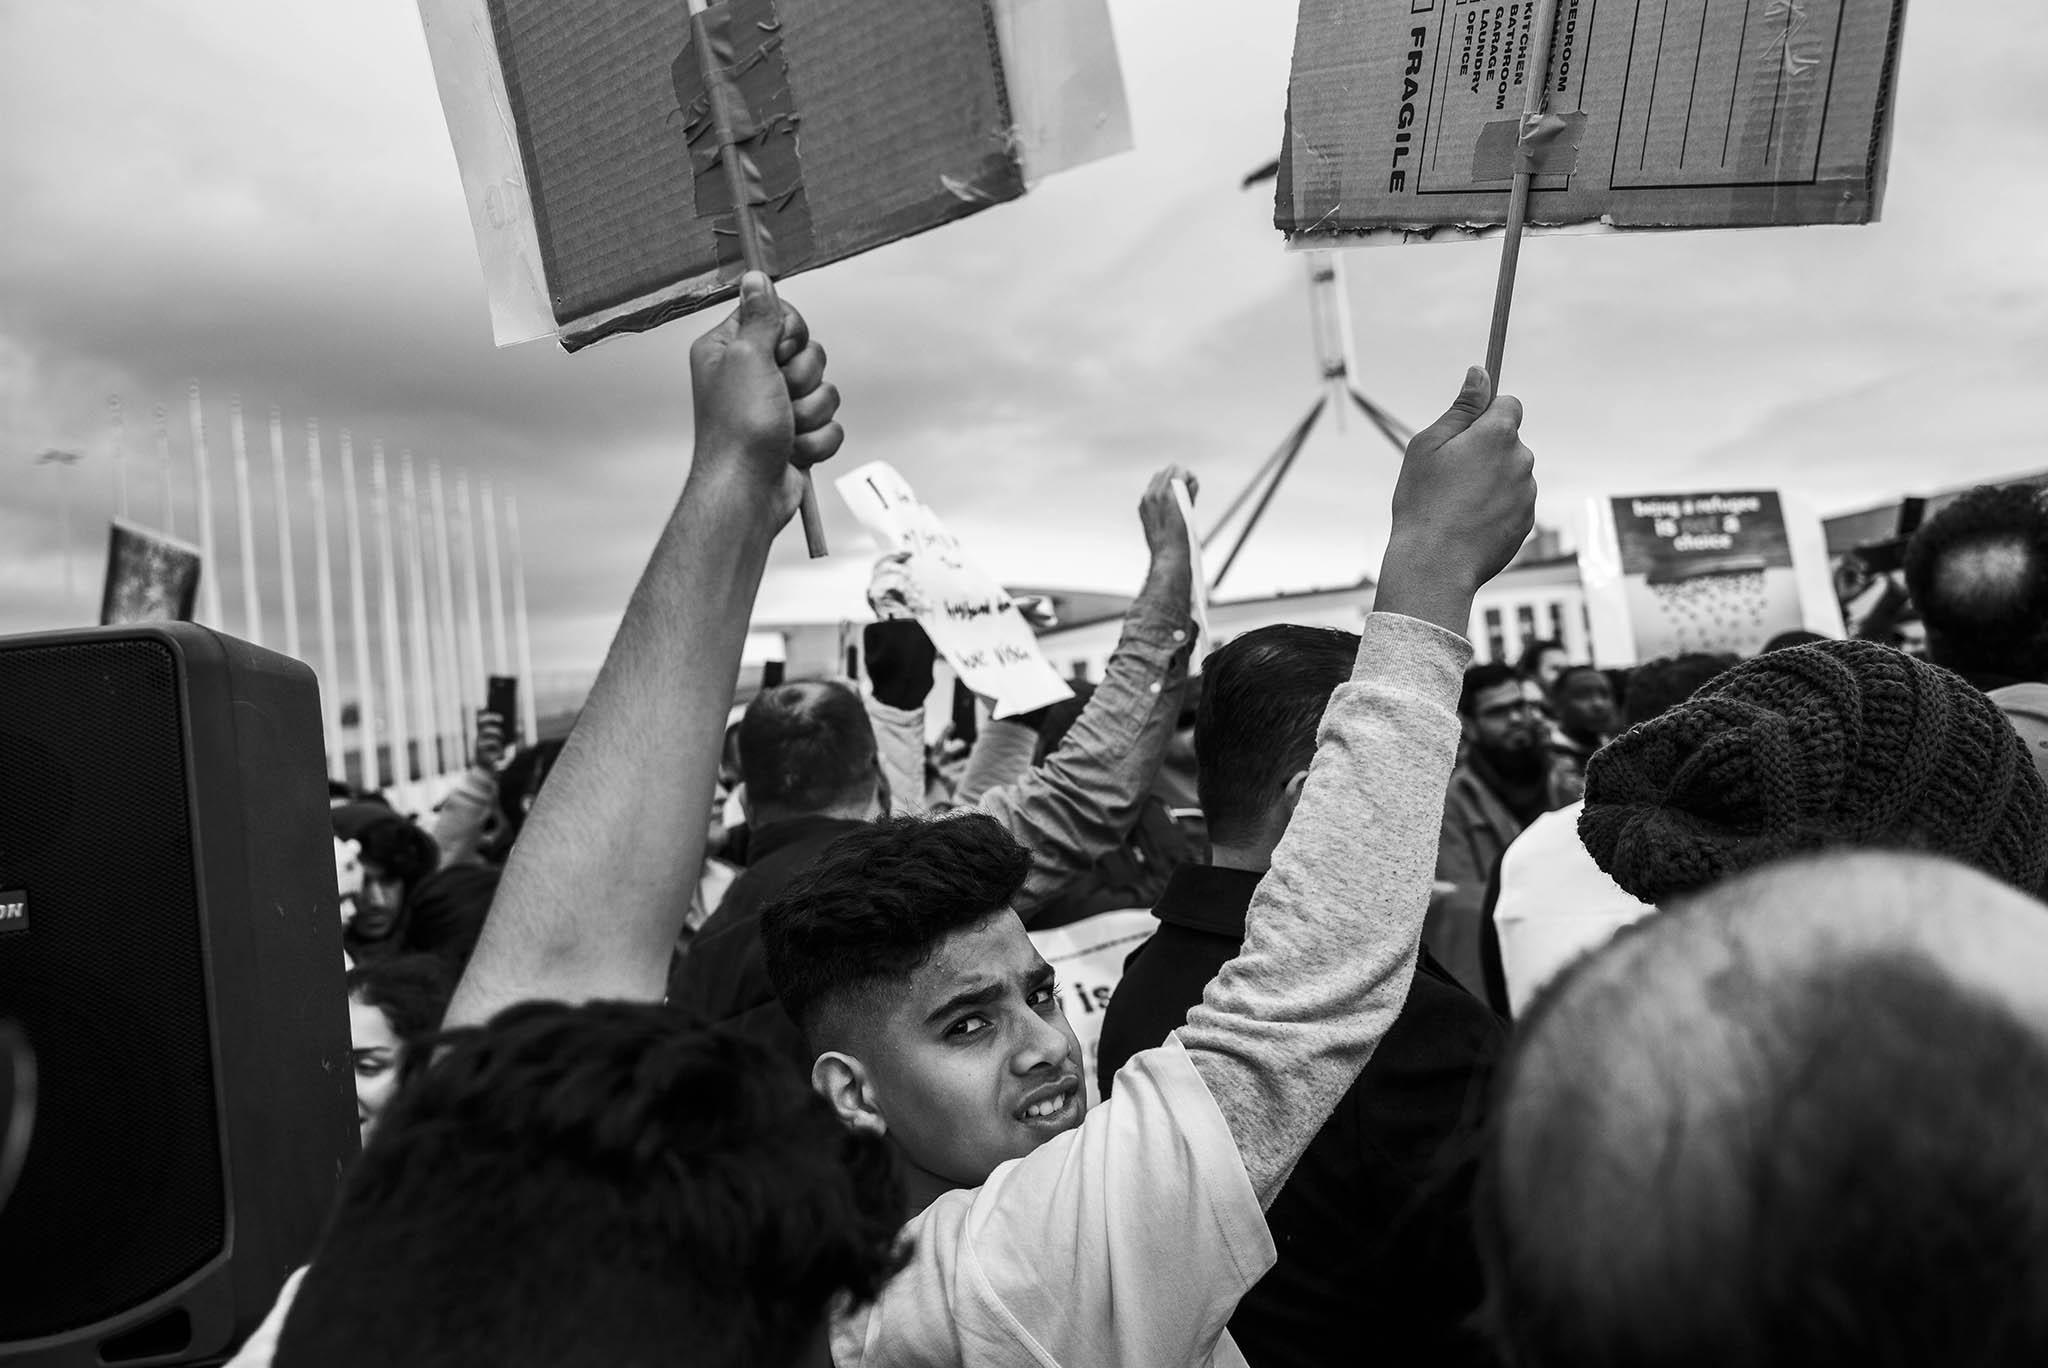 20190729_Refugee_Protest_0816.jpg